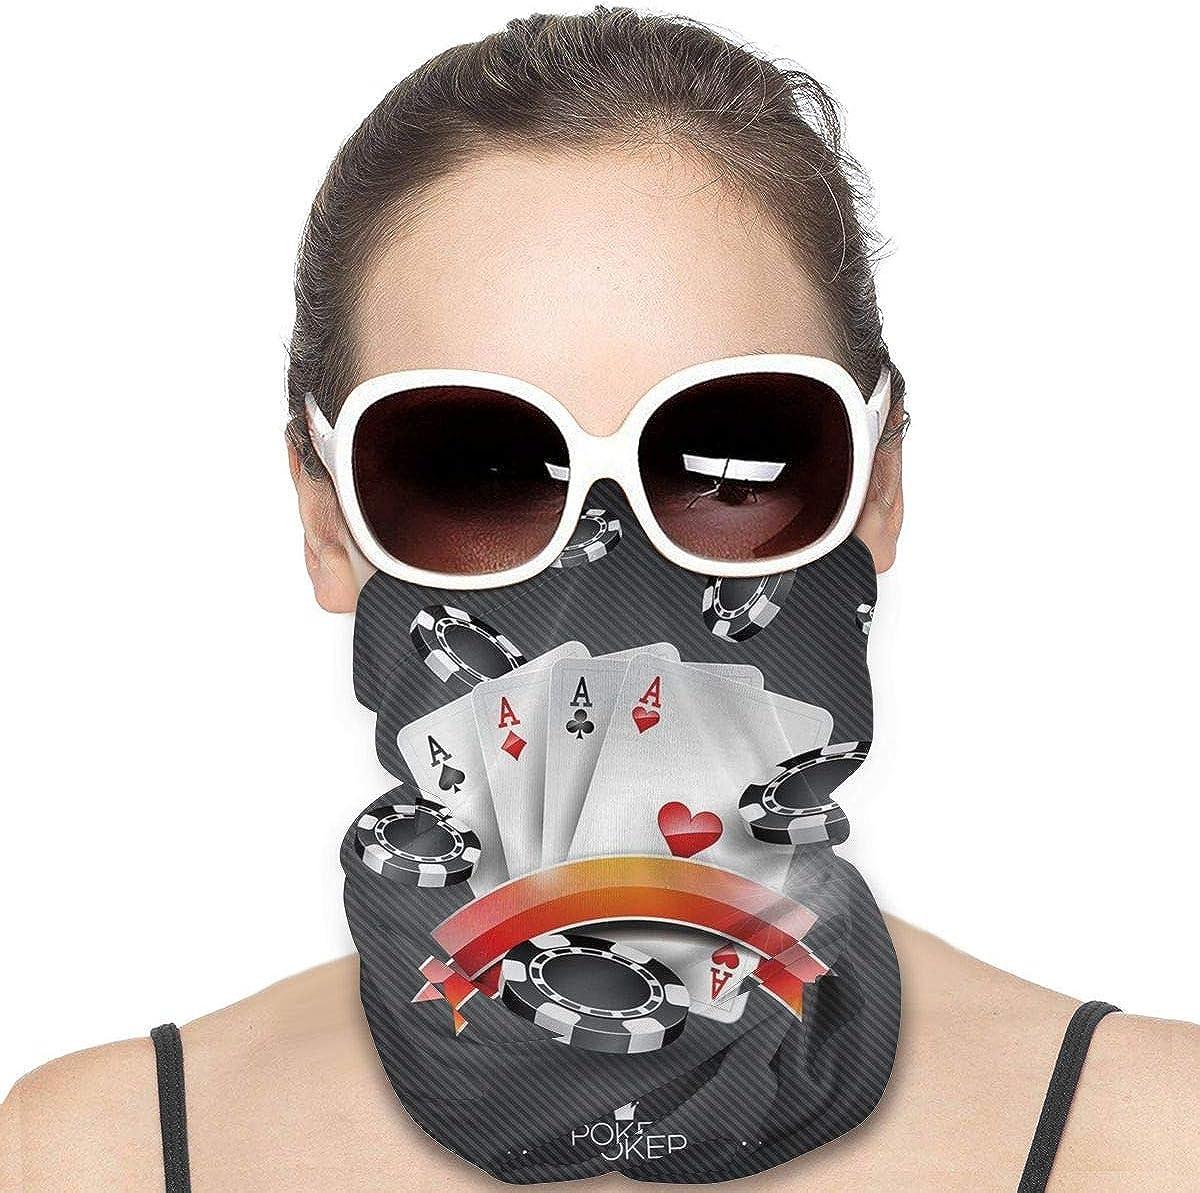 JinSPef Bandana Face Mask - Poker Cards Tournament Art Bandana Face Mask Bandana Face Mask Head Bands Sport Mask Headband Sun Mask